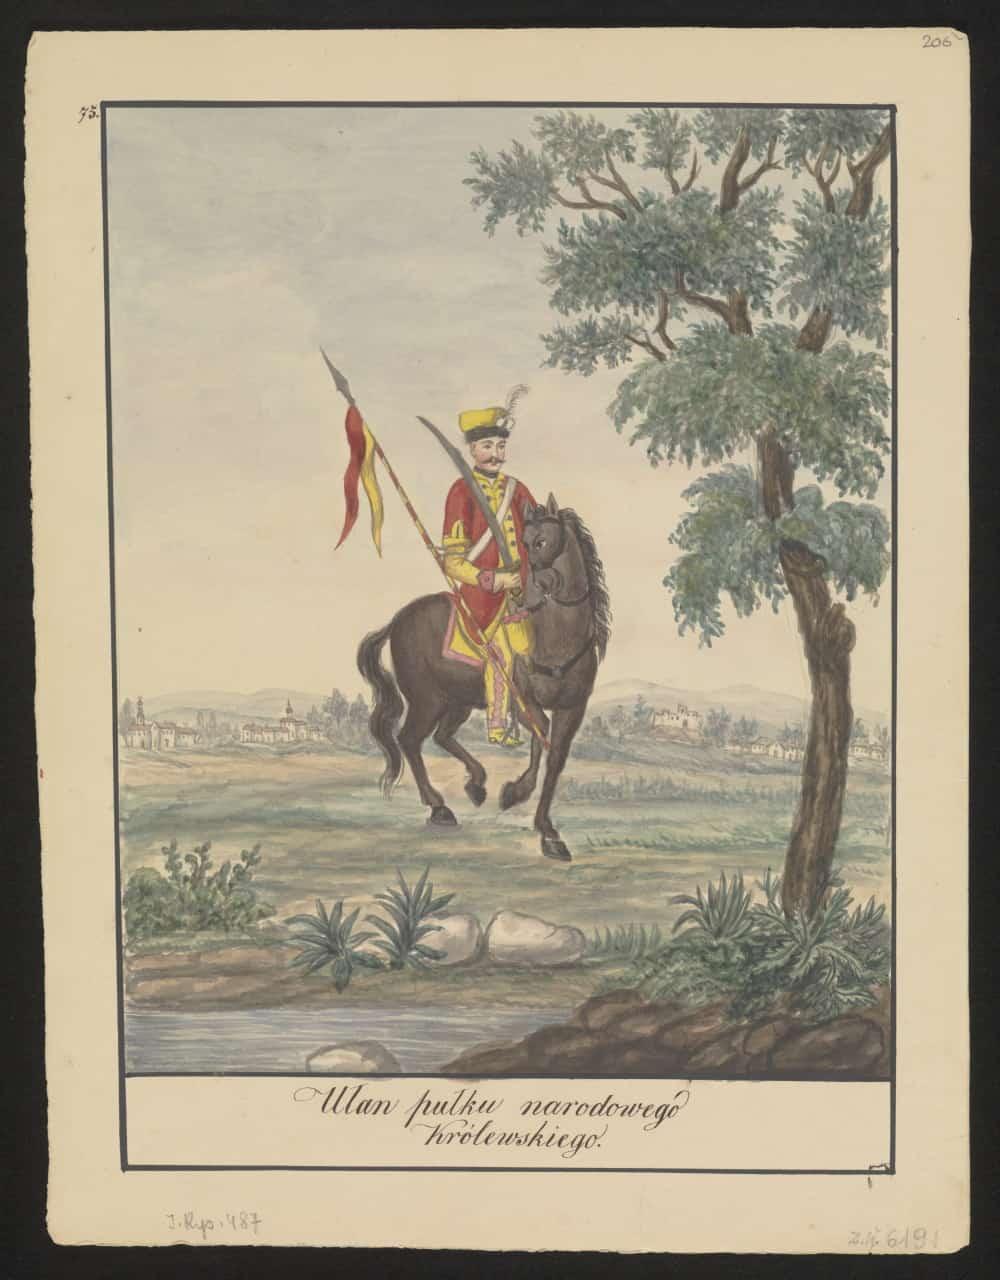 Ułan pułku narodowego Królewskiego. Mal. Konstanty Kopff (1847). Źródło: Polona